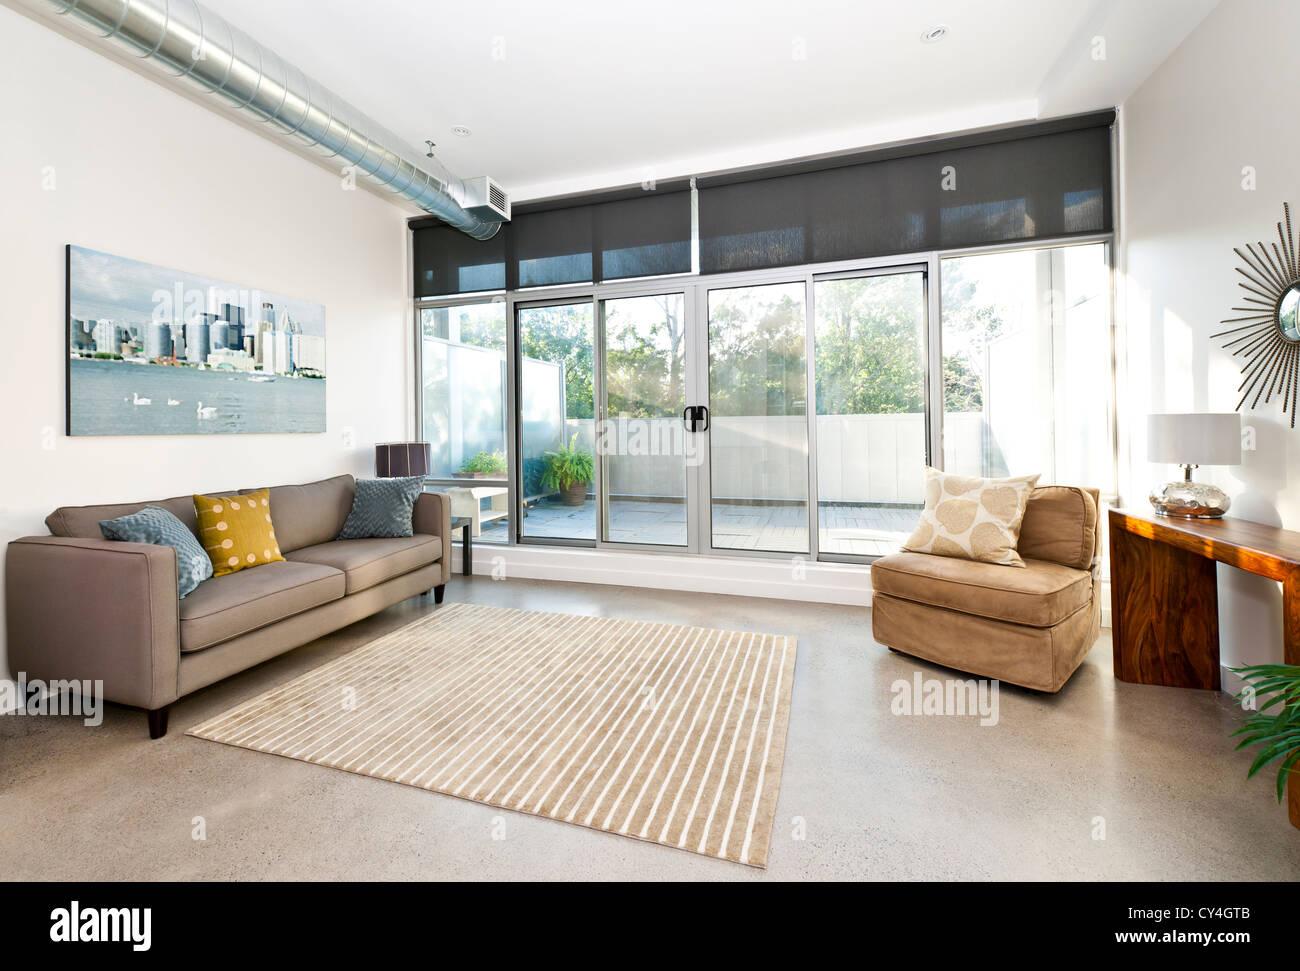 Wohnzimmer mit Glasschiebetür zum Balkon - Kunstwerk aus Fotograf portfolio Stockbild